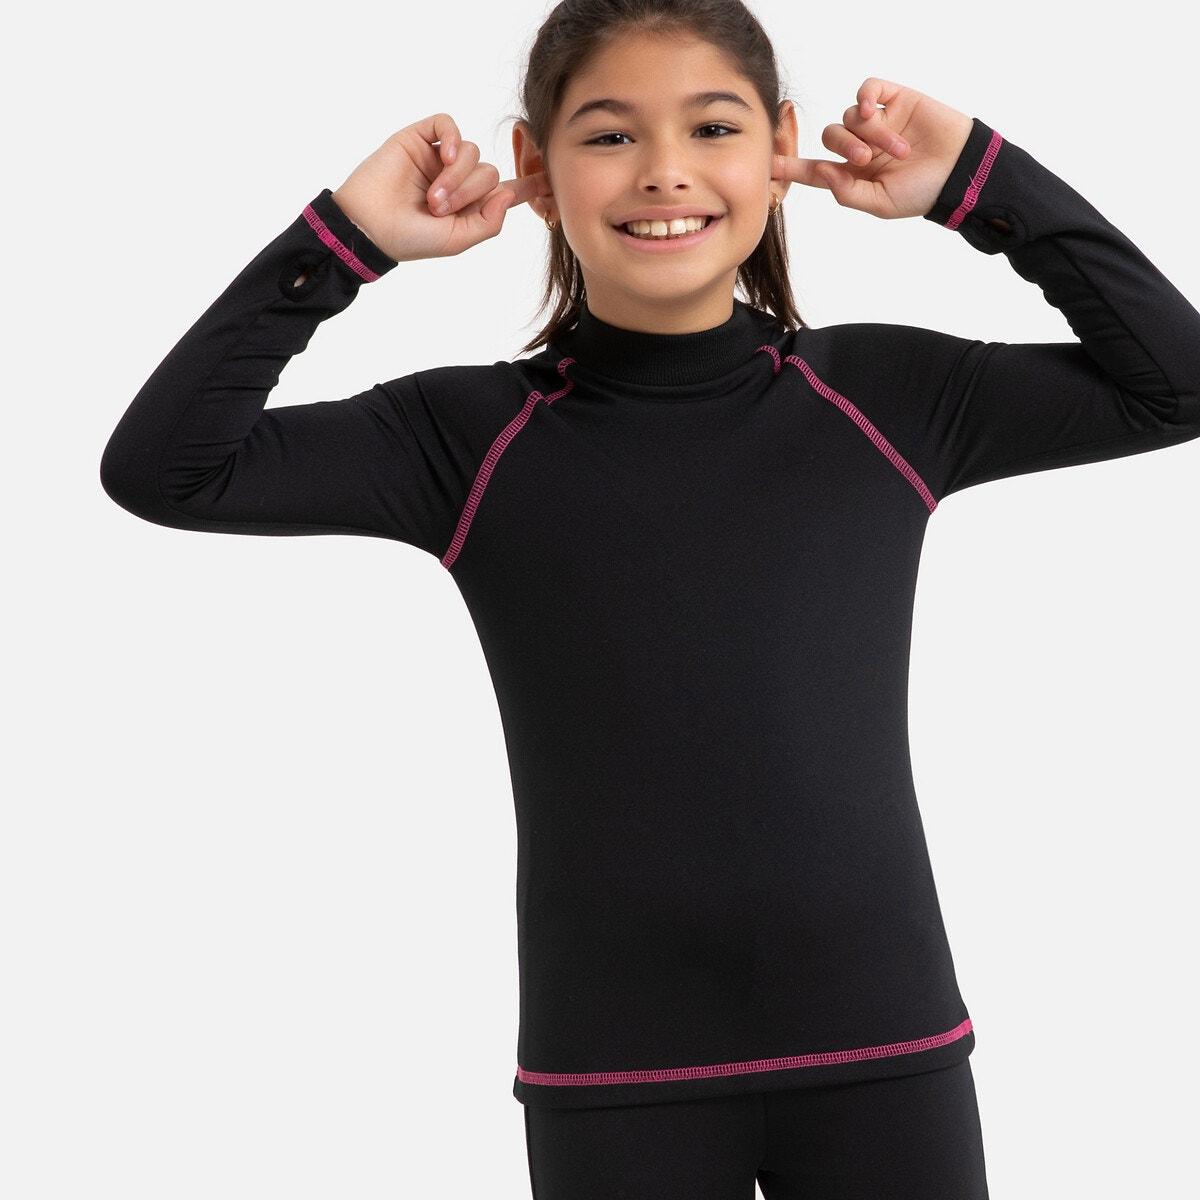 Εσωθερμικά ρούχα για σκι, 3 - 16 ετών παιδι   μπλούζες   πουκάμισα   μπλούζες